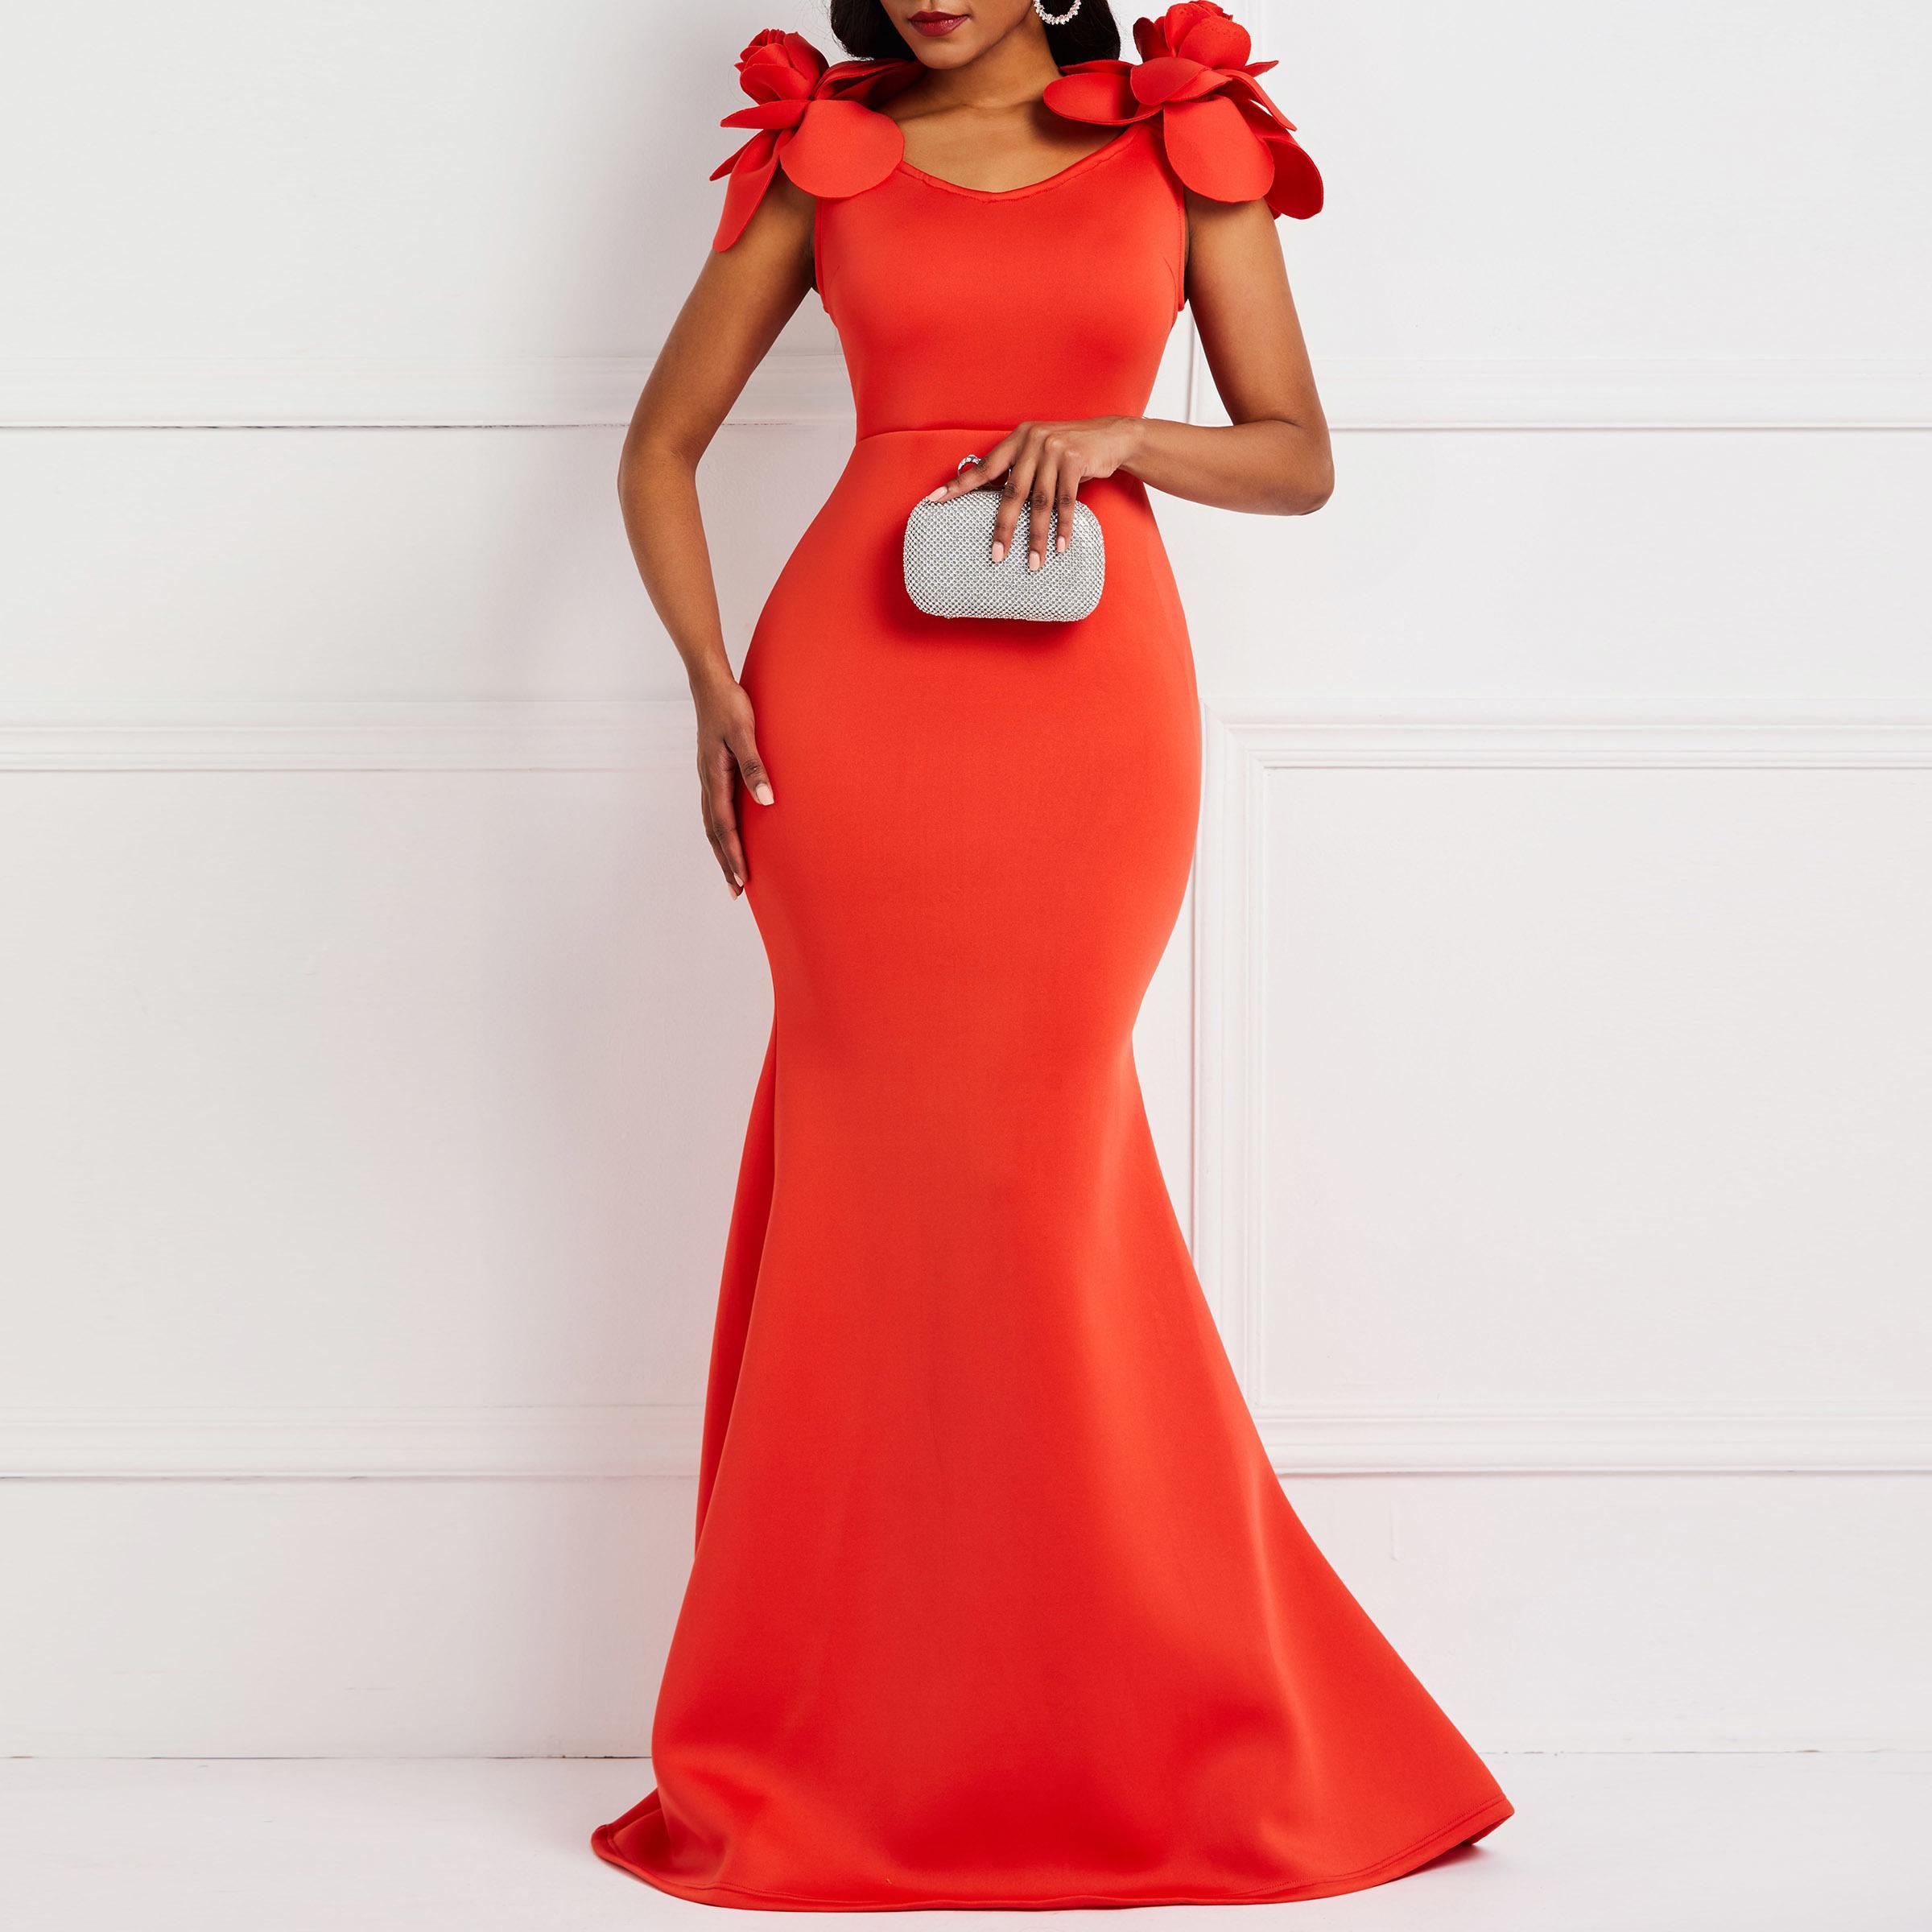 Clocolor Mujeres Sexy Vestido Señoras Retro Sirena Vestido Flor Verano Elegante Con Estilo Más Tamaño Bodycon Rojo Vestidos de Fiesta Largos